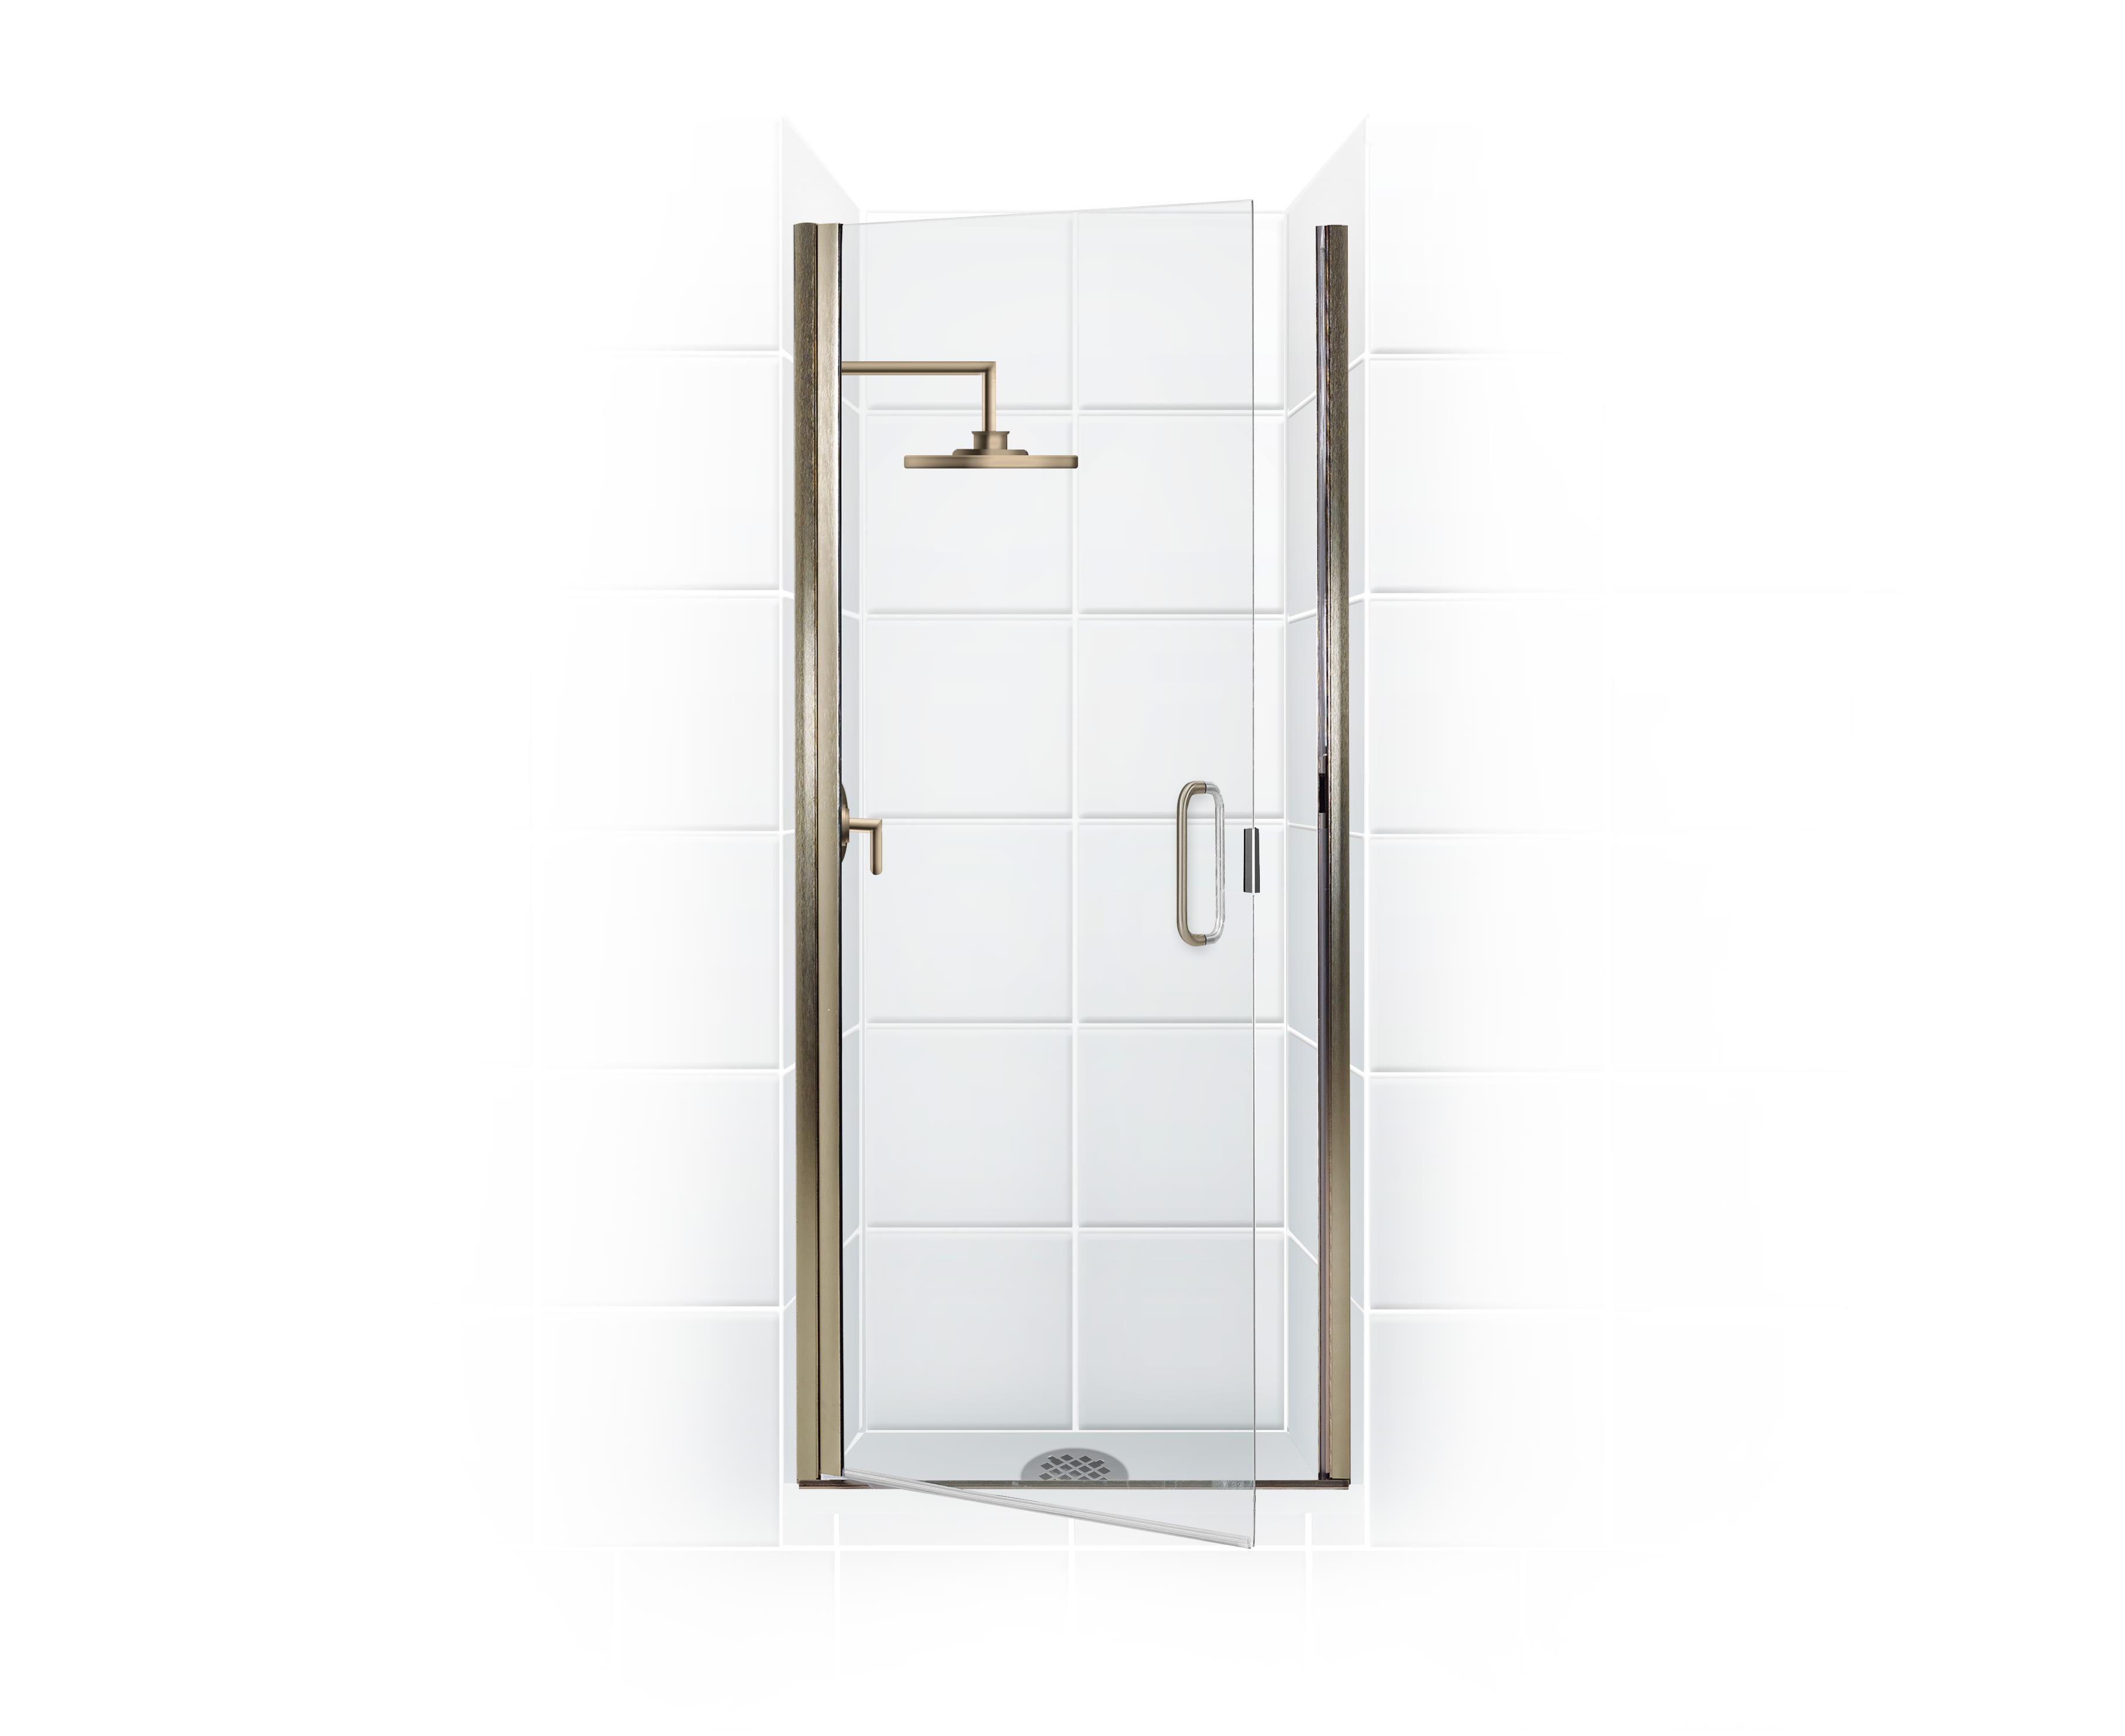 Coastal Shower Doors Pcqfr26 70 C